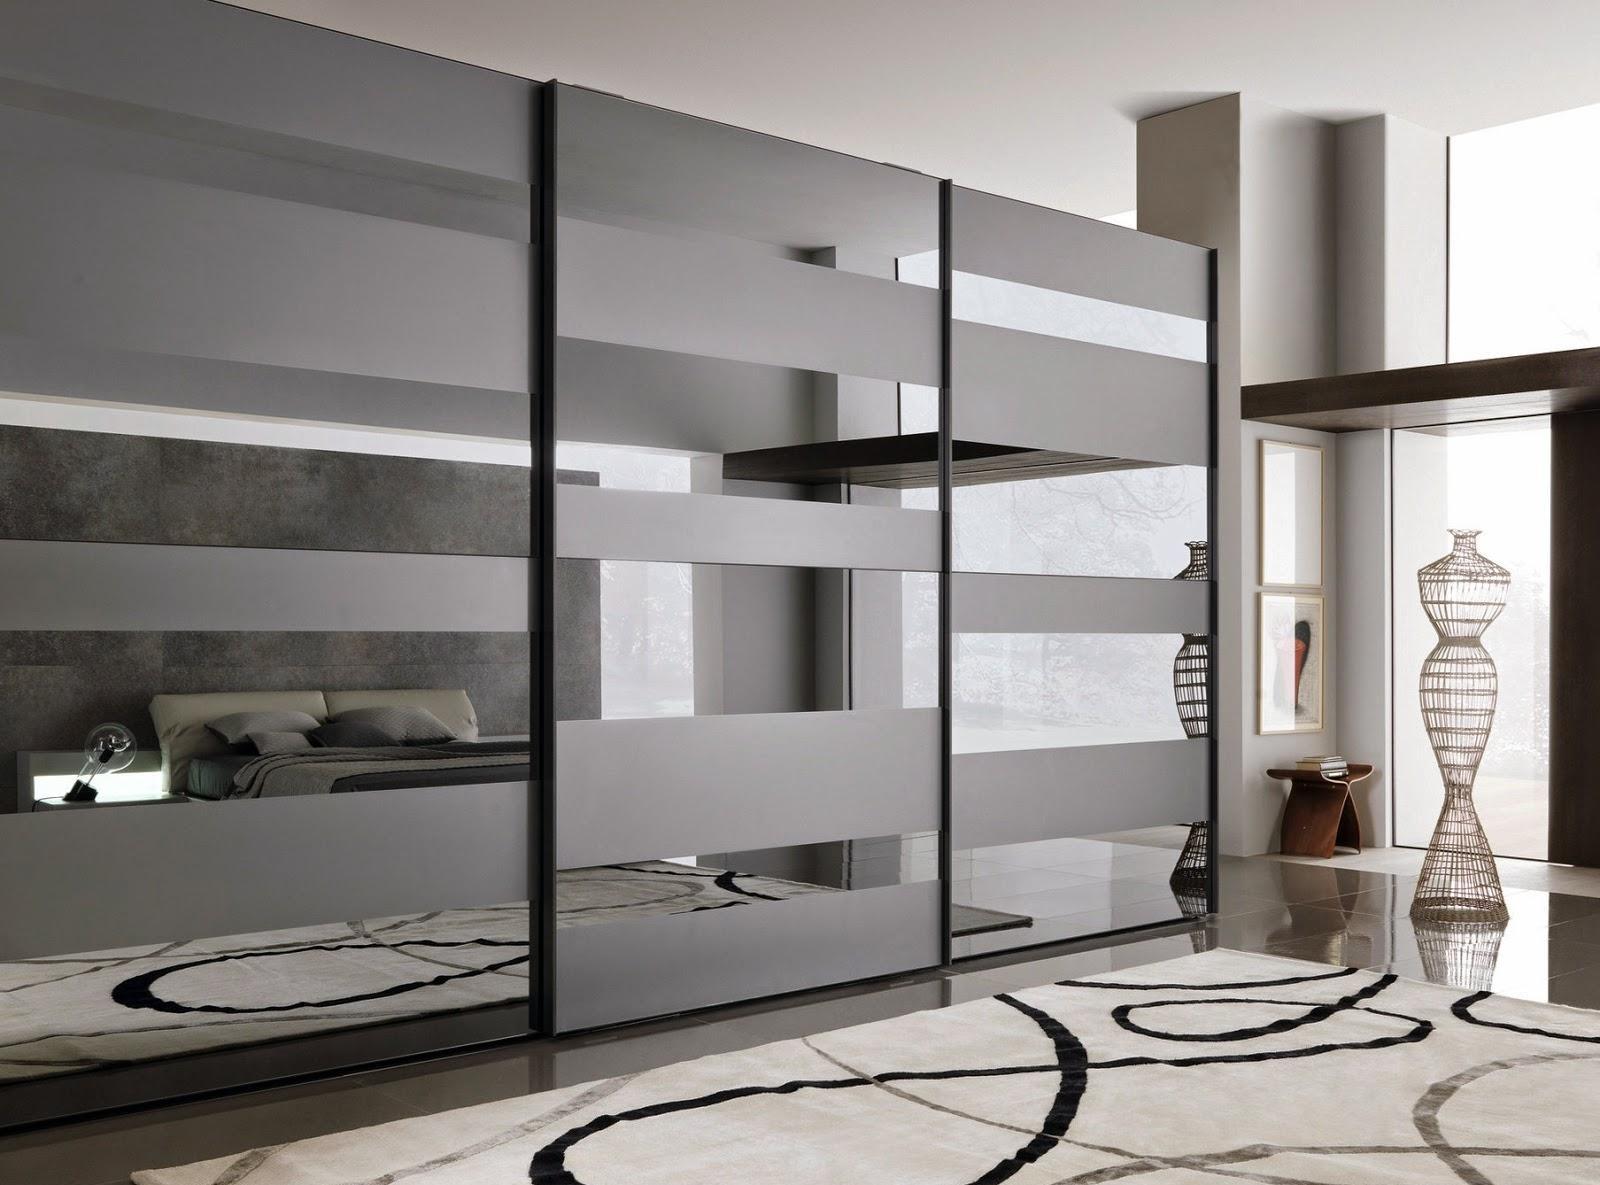 Матово-глянцевый черный фасад встроенного шкафа